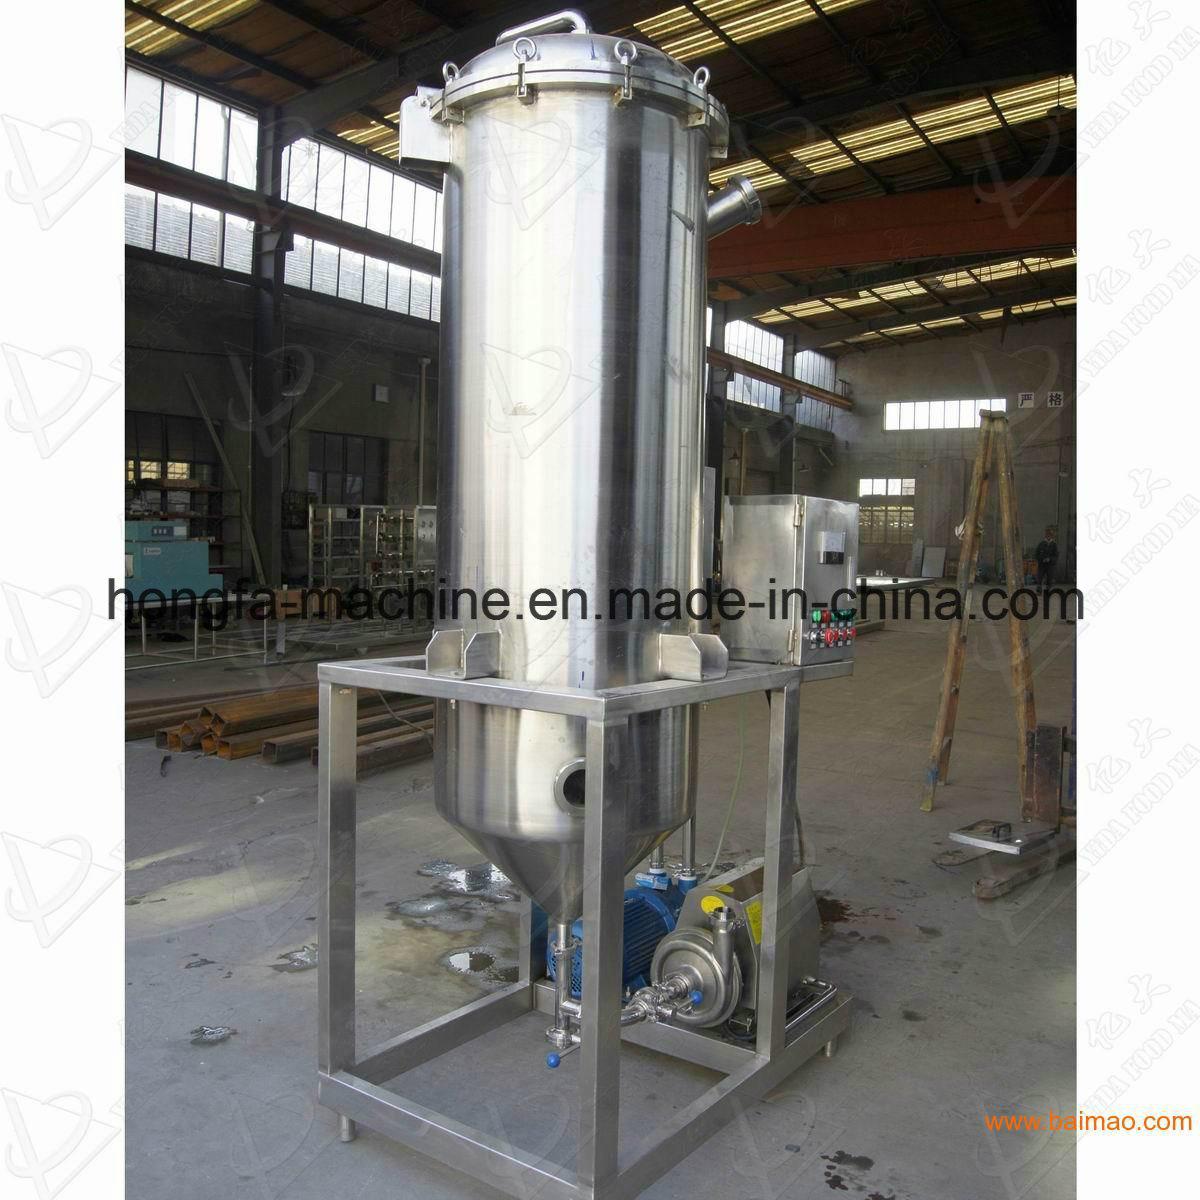 Vacuum De-Aerator for Juice or Milk